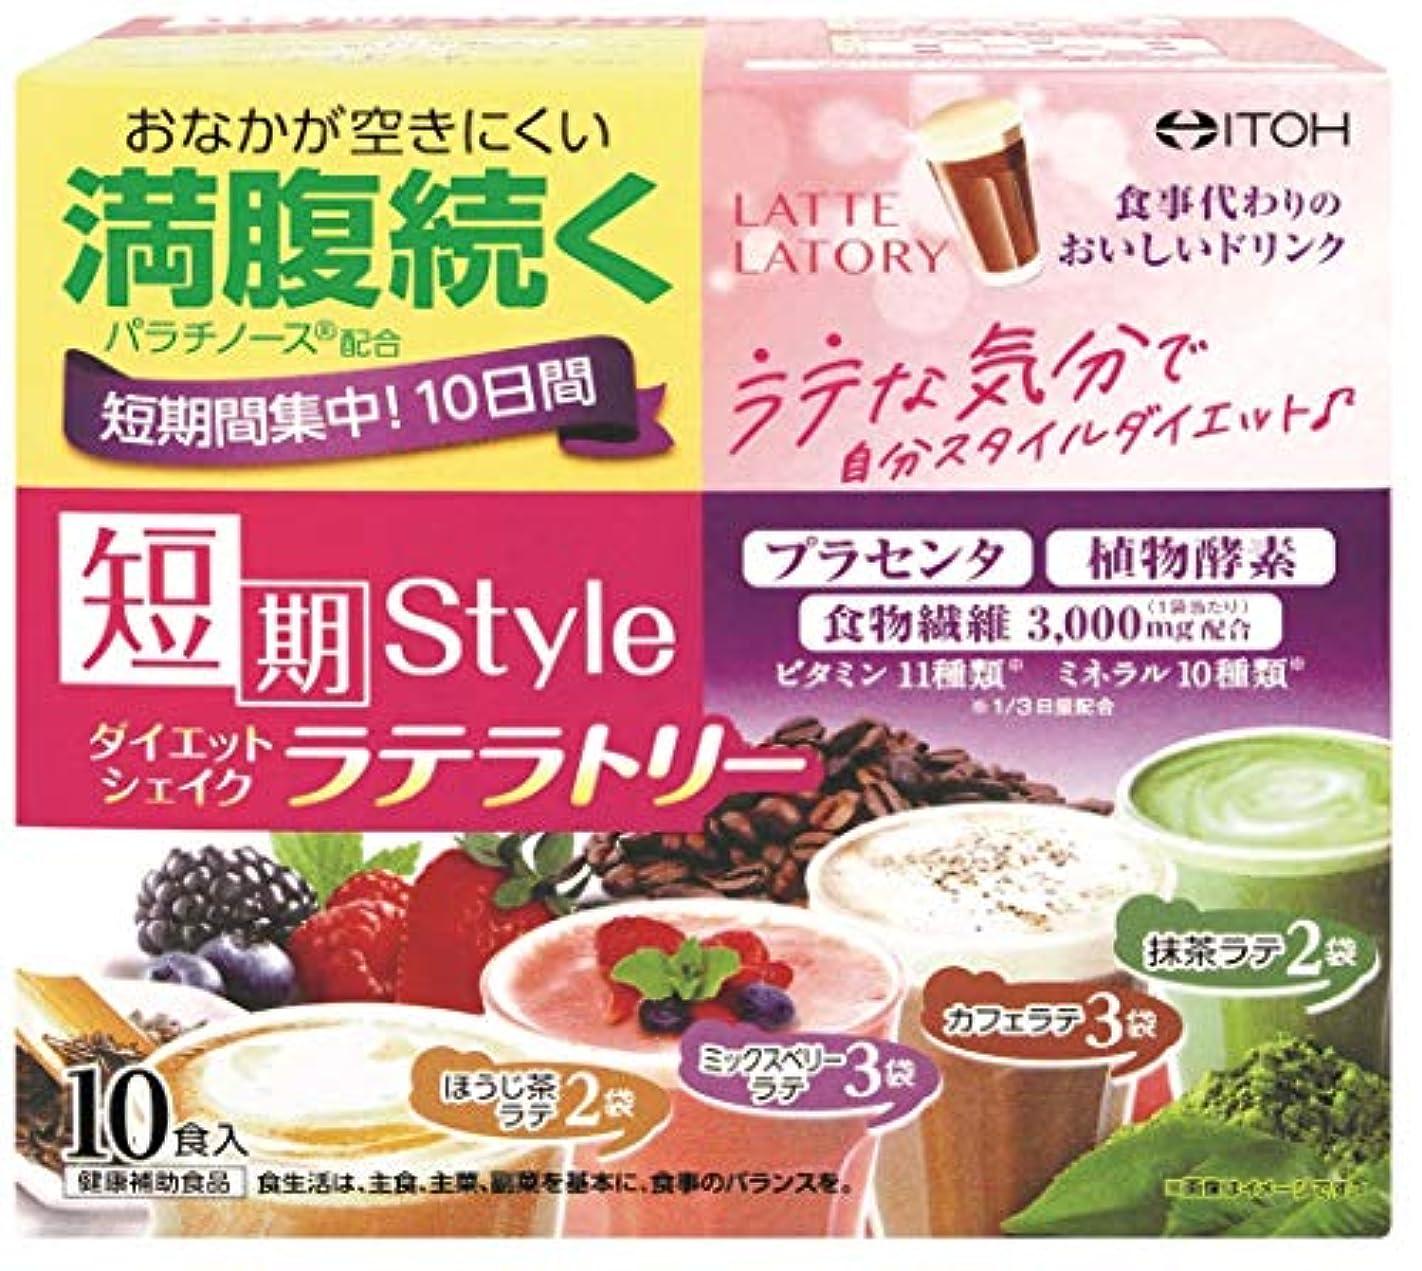 爆発する無謀わずらわしい井藤漢方製薬 短期スタイルダイエットシェイク ラテラトリー 10食分 25g×10袋